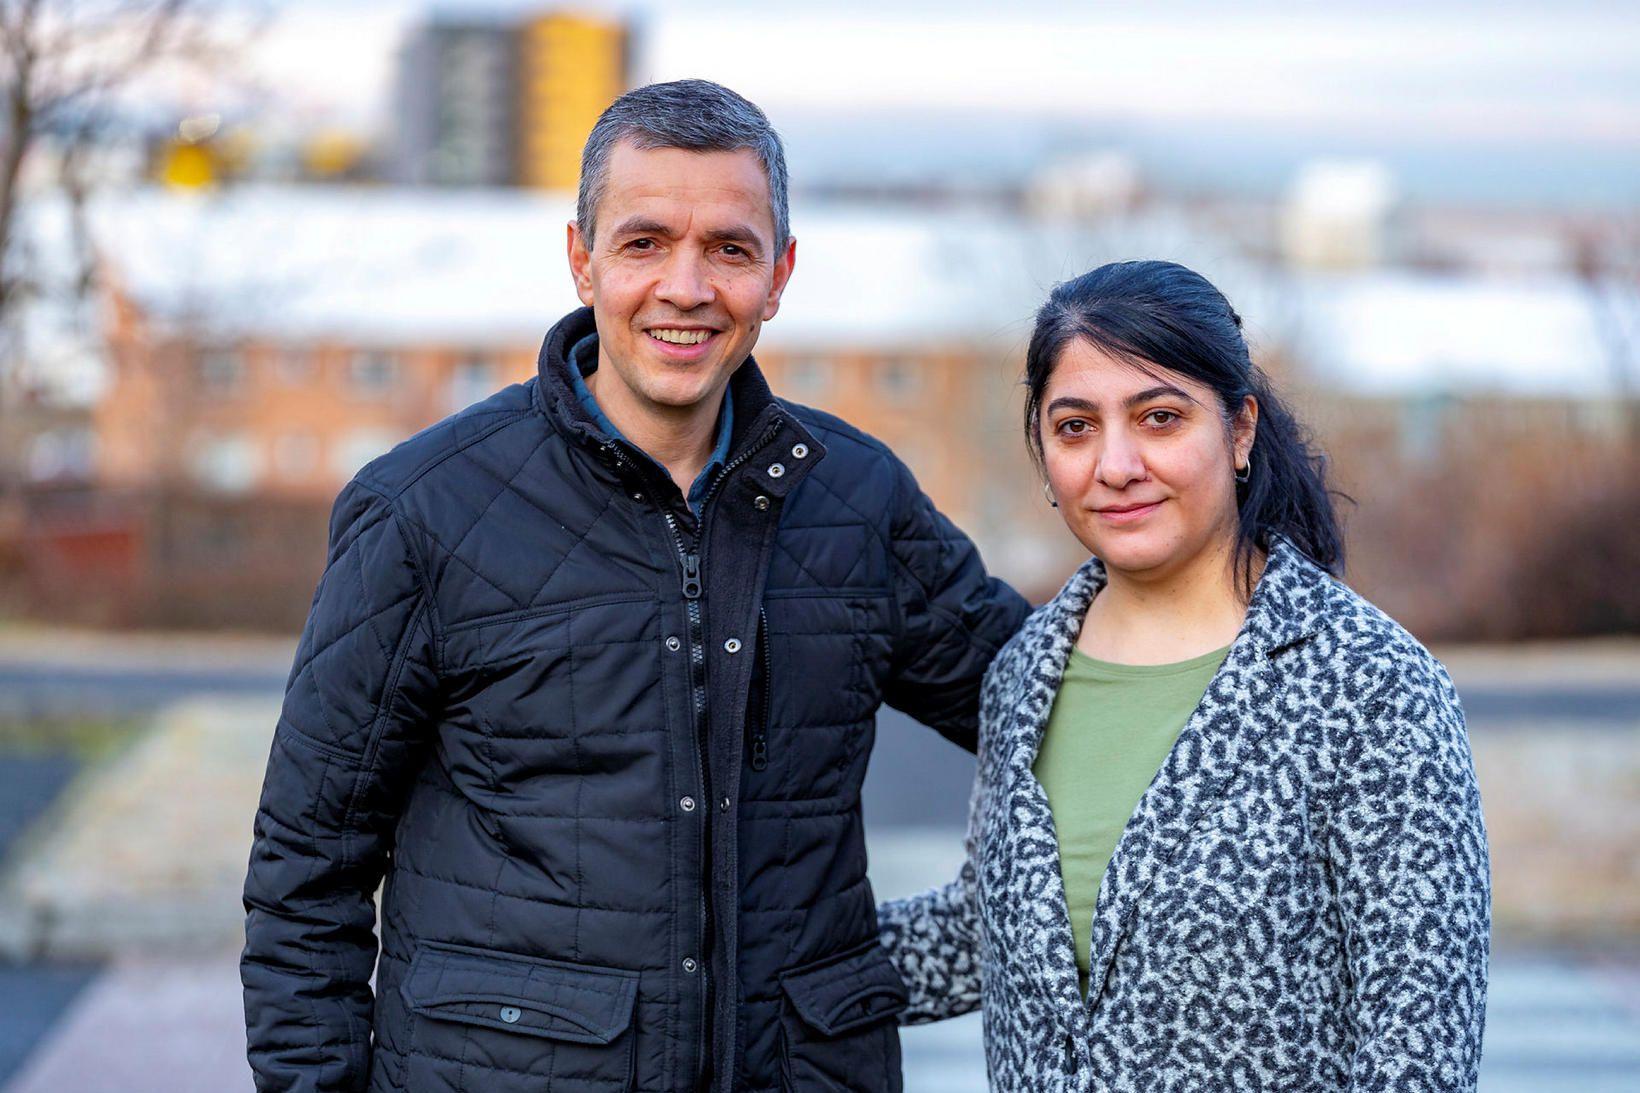 Hjónin Salah Karim Mahmood og Susan Rafik Hama hafa verið …